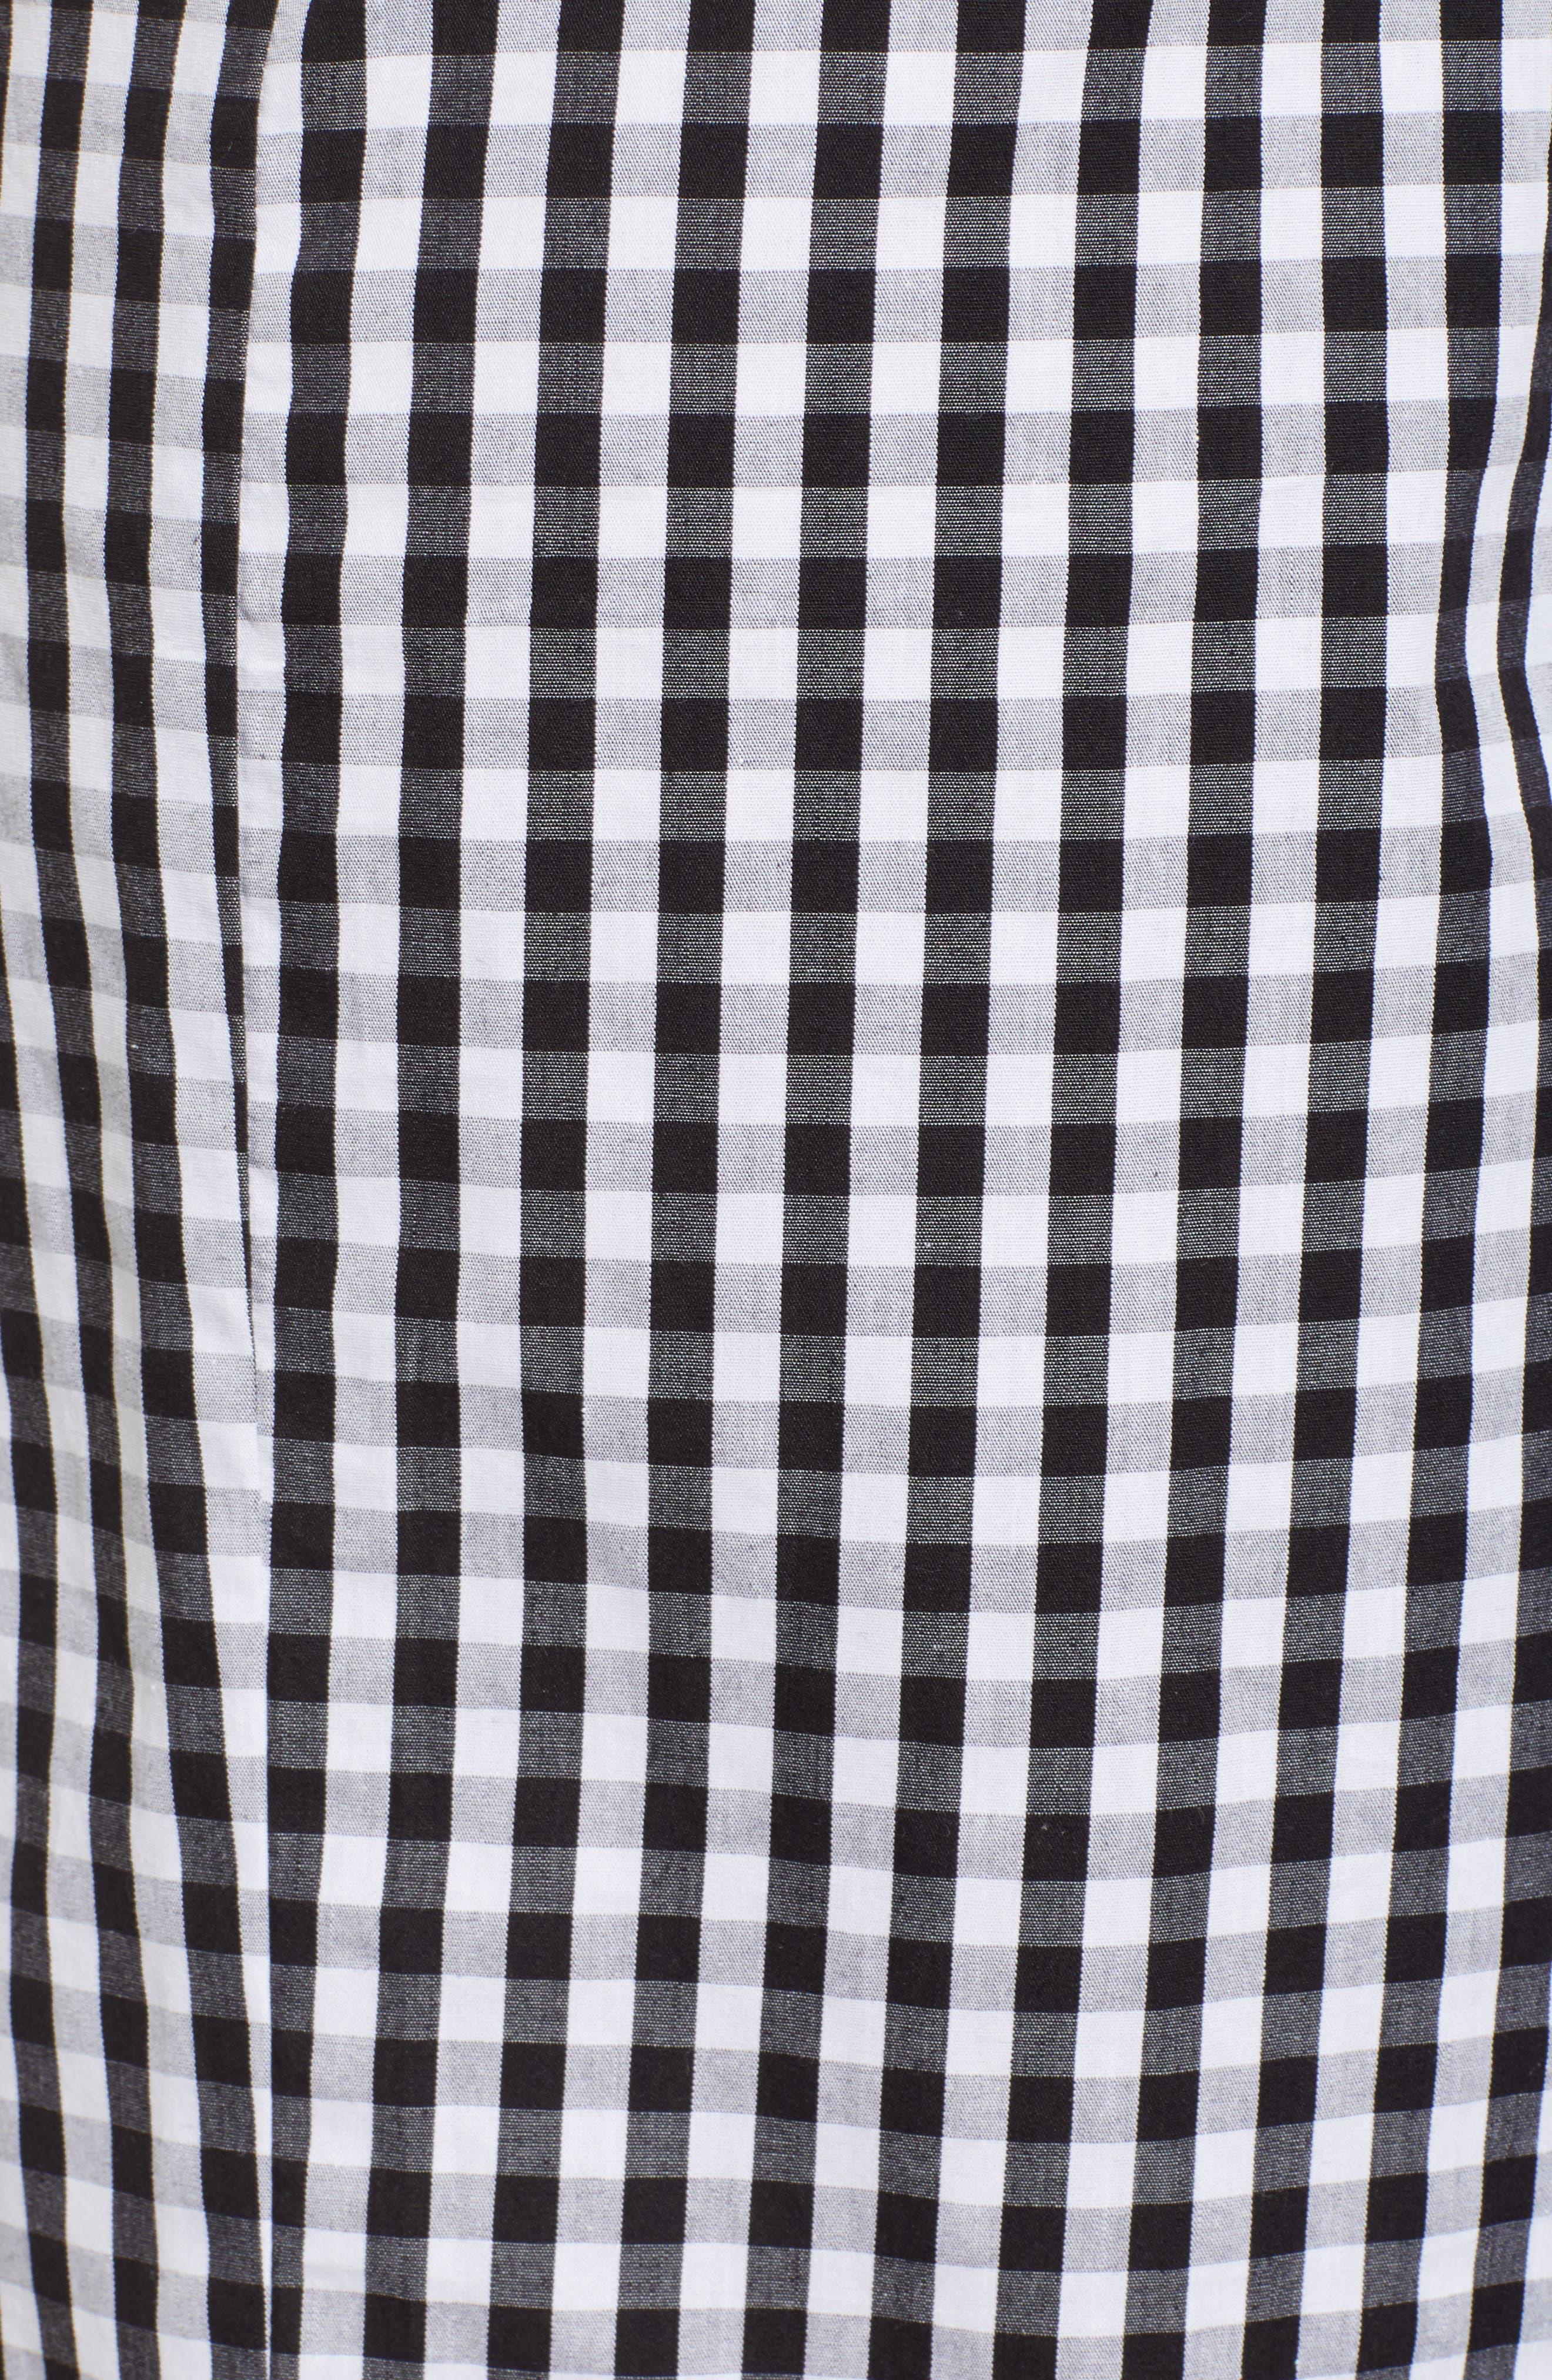 Gingham Tie Waist Skirt,                             Alternate thumbnail 5, color,                             Black/ White Gingham